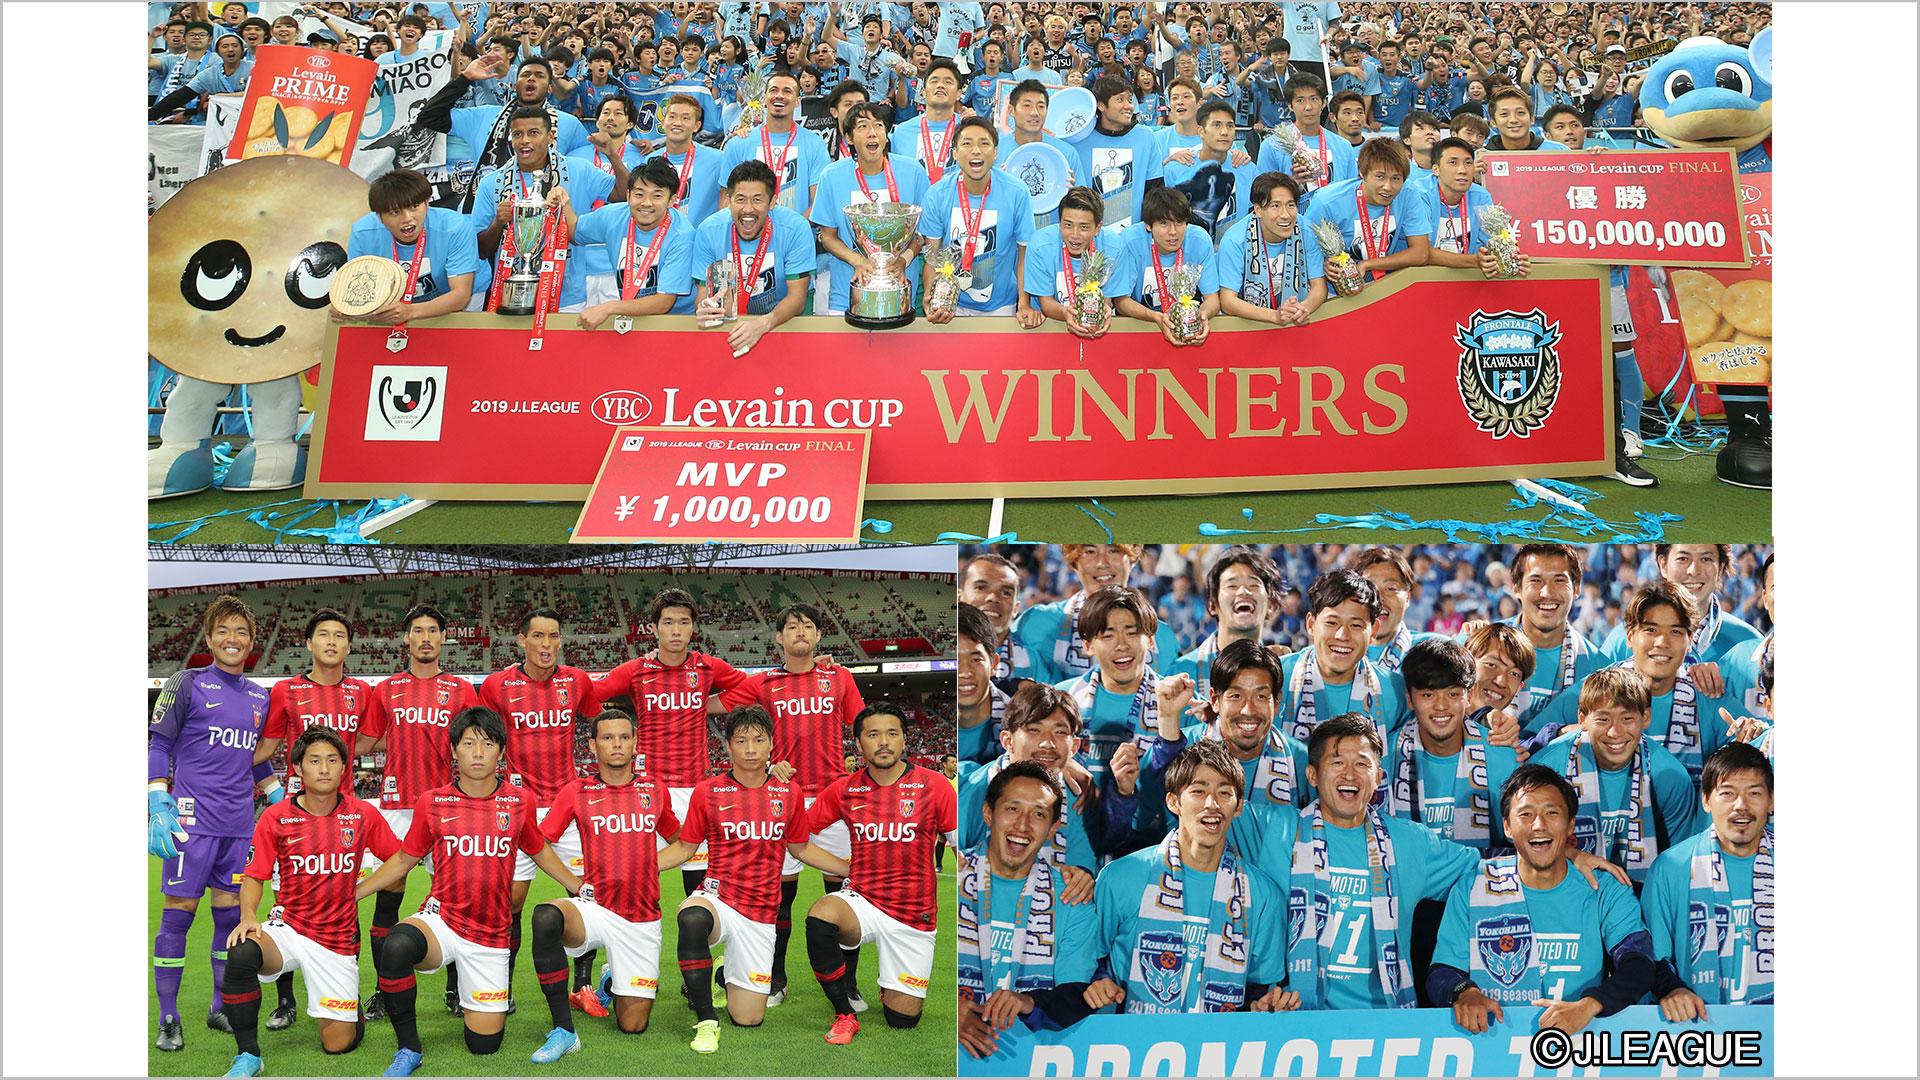 2020 JリーグYBCルヴァンカップ 鹿島 vs 川崎F 間もなくキックオフ!